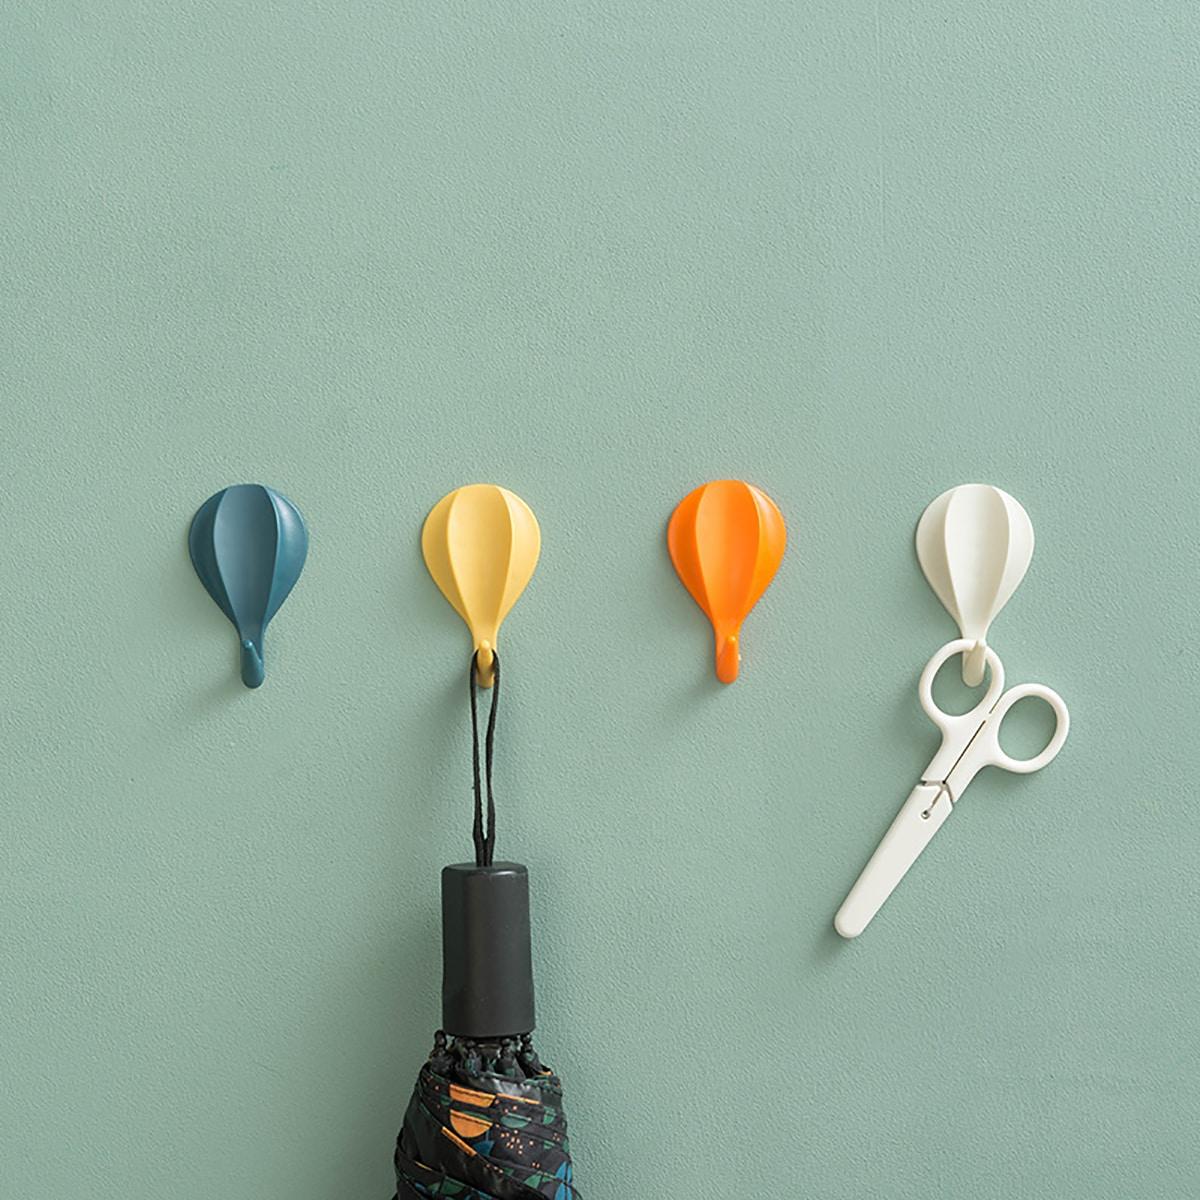 Настенный крюк в форме воздушного шара 8шт